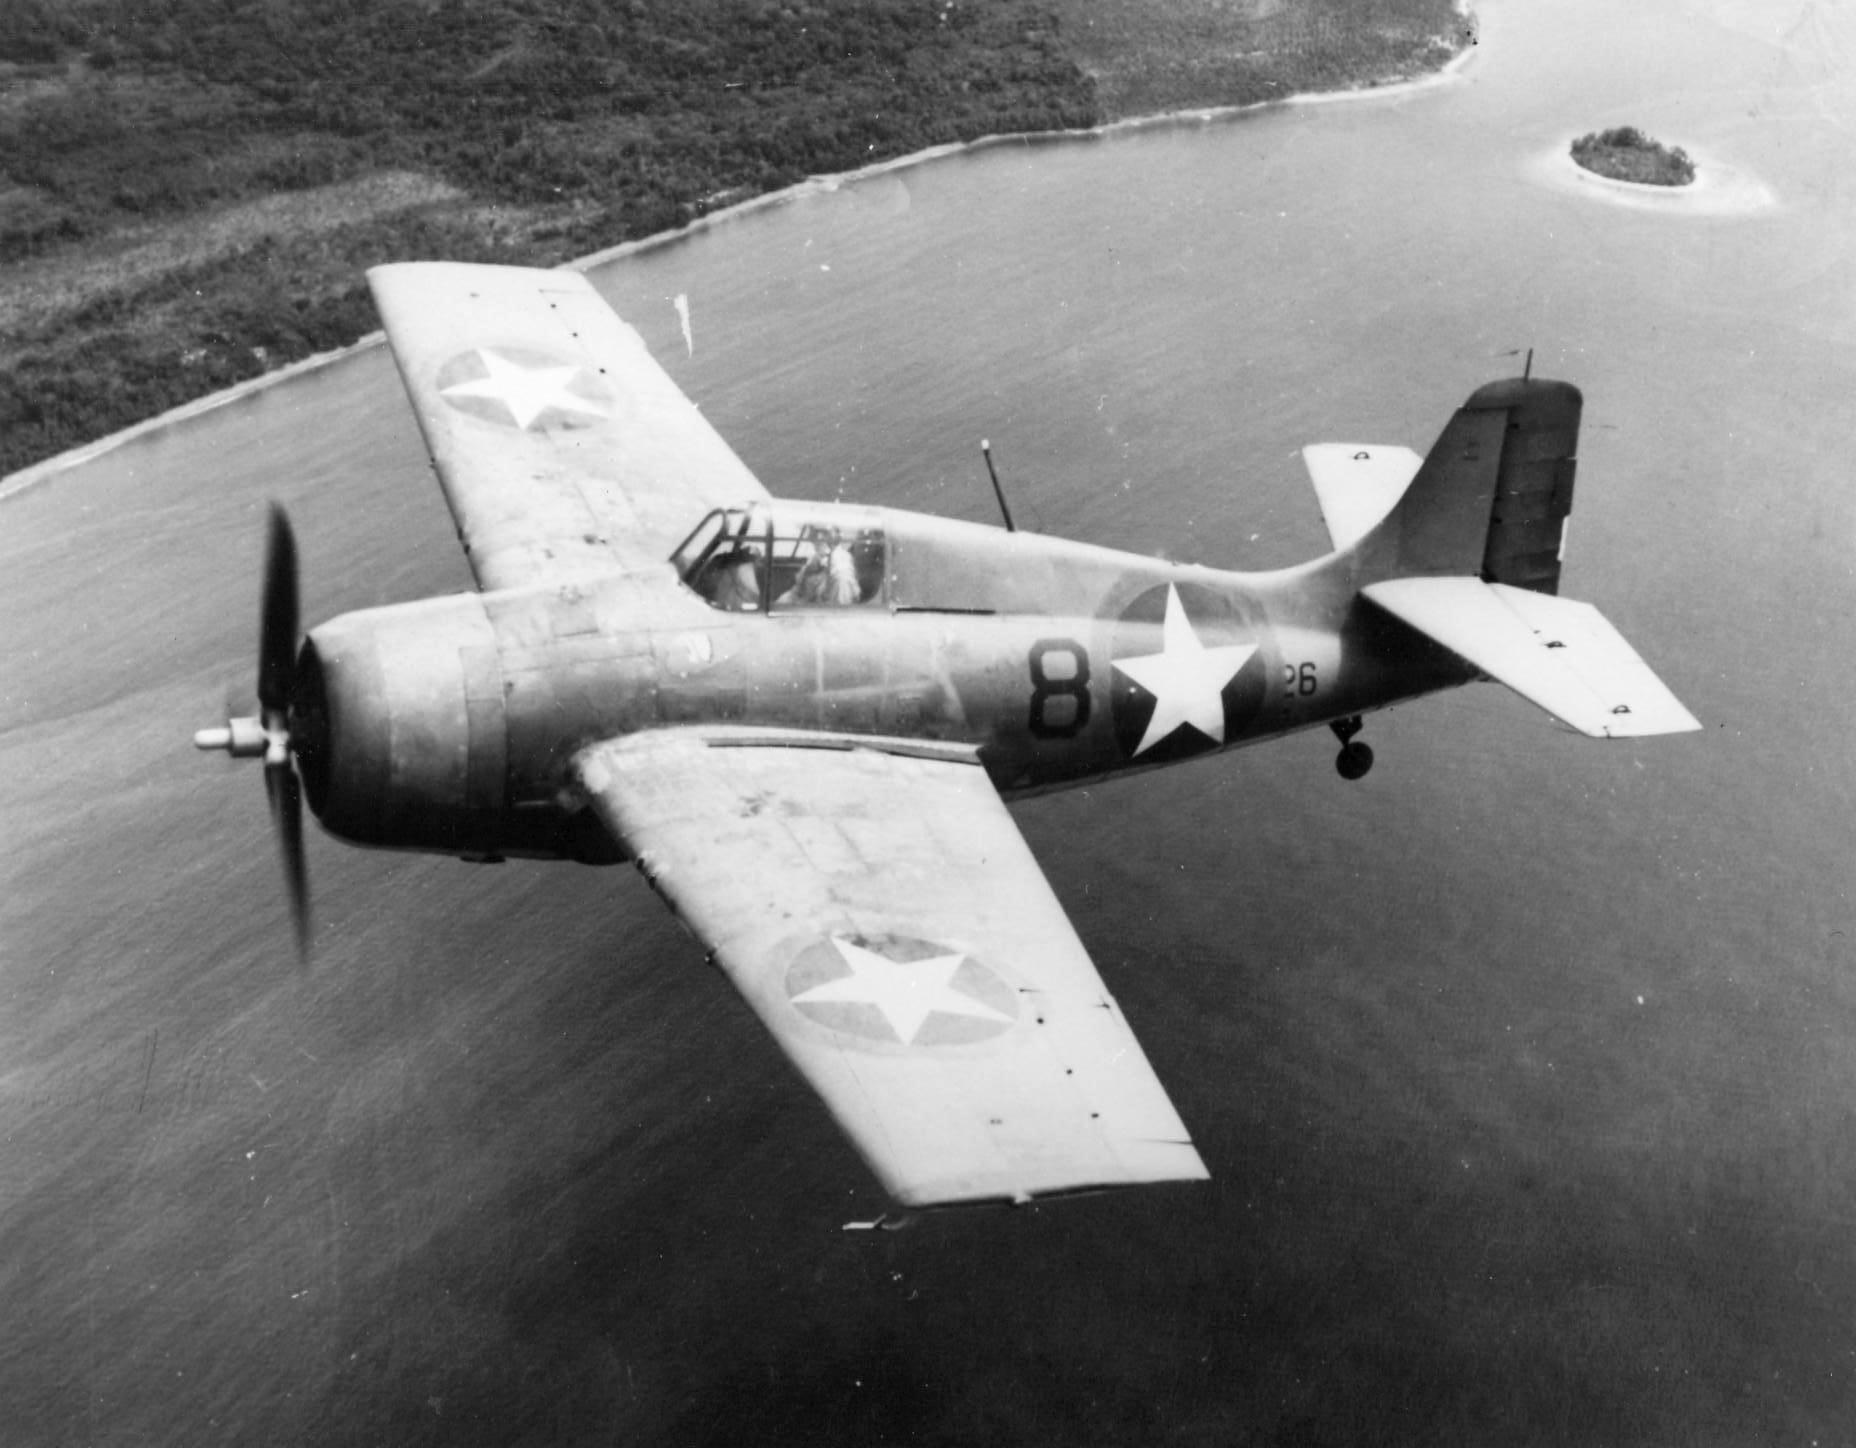 Grumman F4F 3 Wildcat VGF 26 Black 8x26 in Operation Torch marking 11942 01